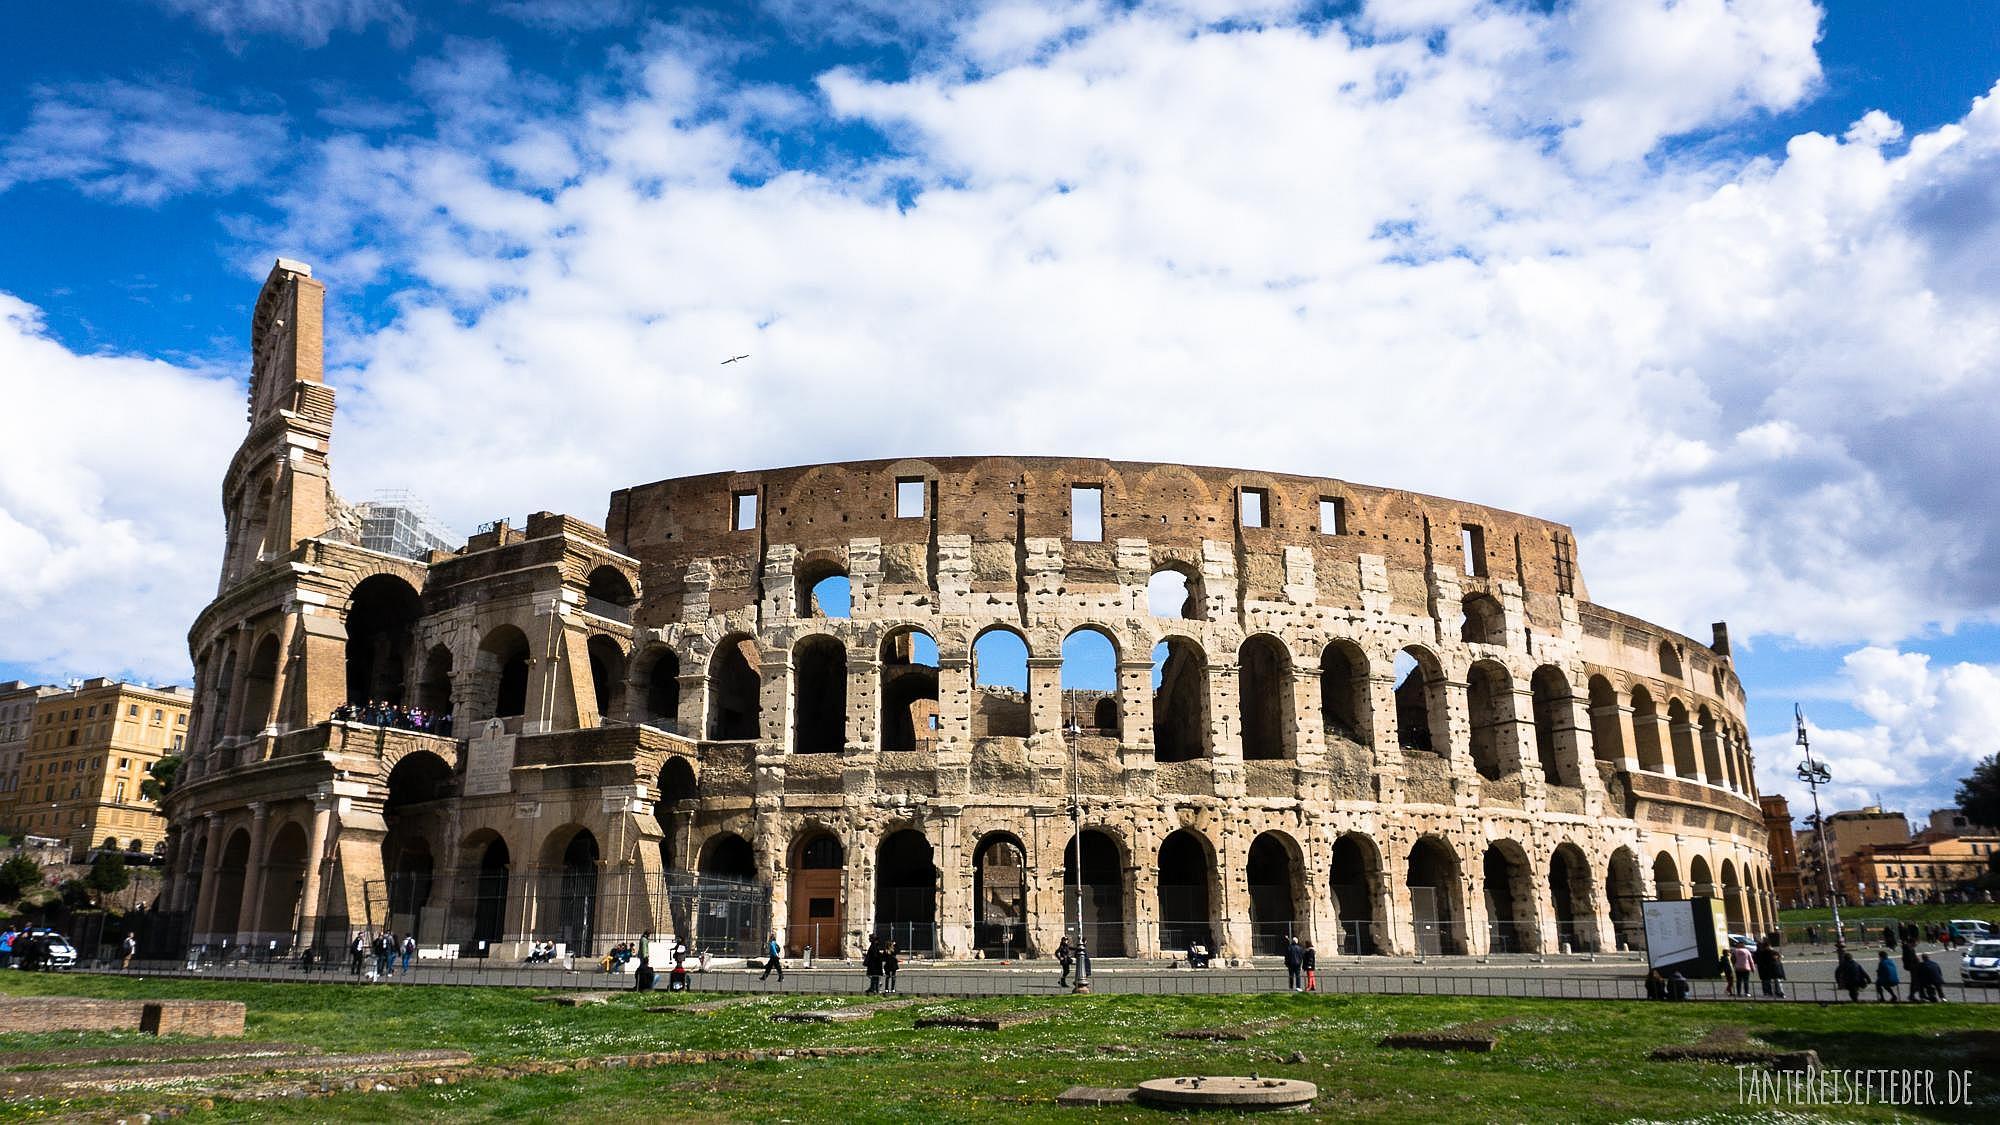 Reisebericht: Corona und eine Reise nach Rom